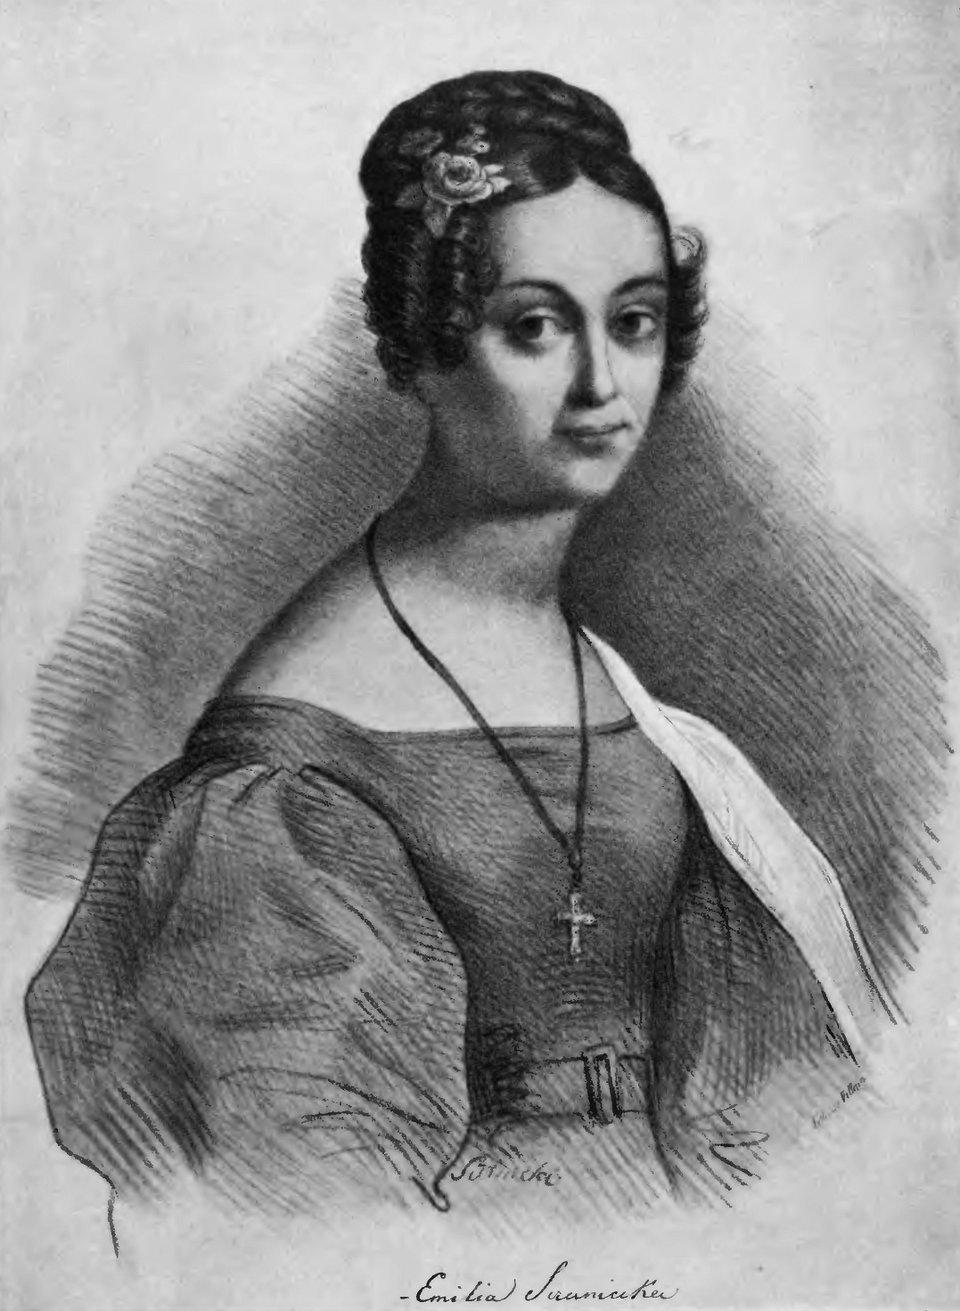 Emilia Sczaniecka Źródło: François Le Villain, Emilia Sczaniecka, XIX wiek, domena publiczna.